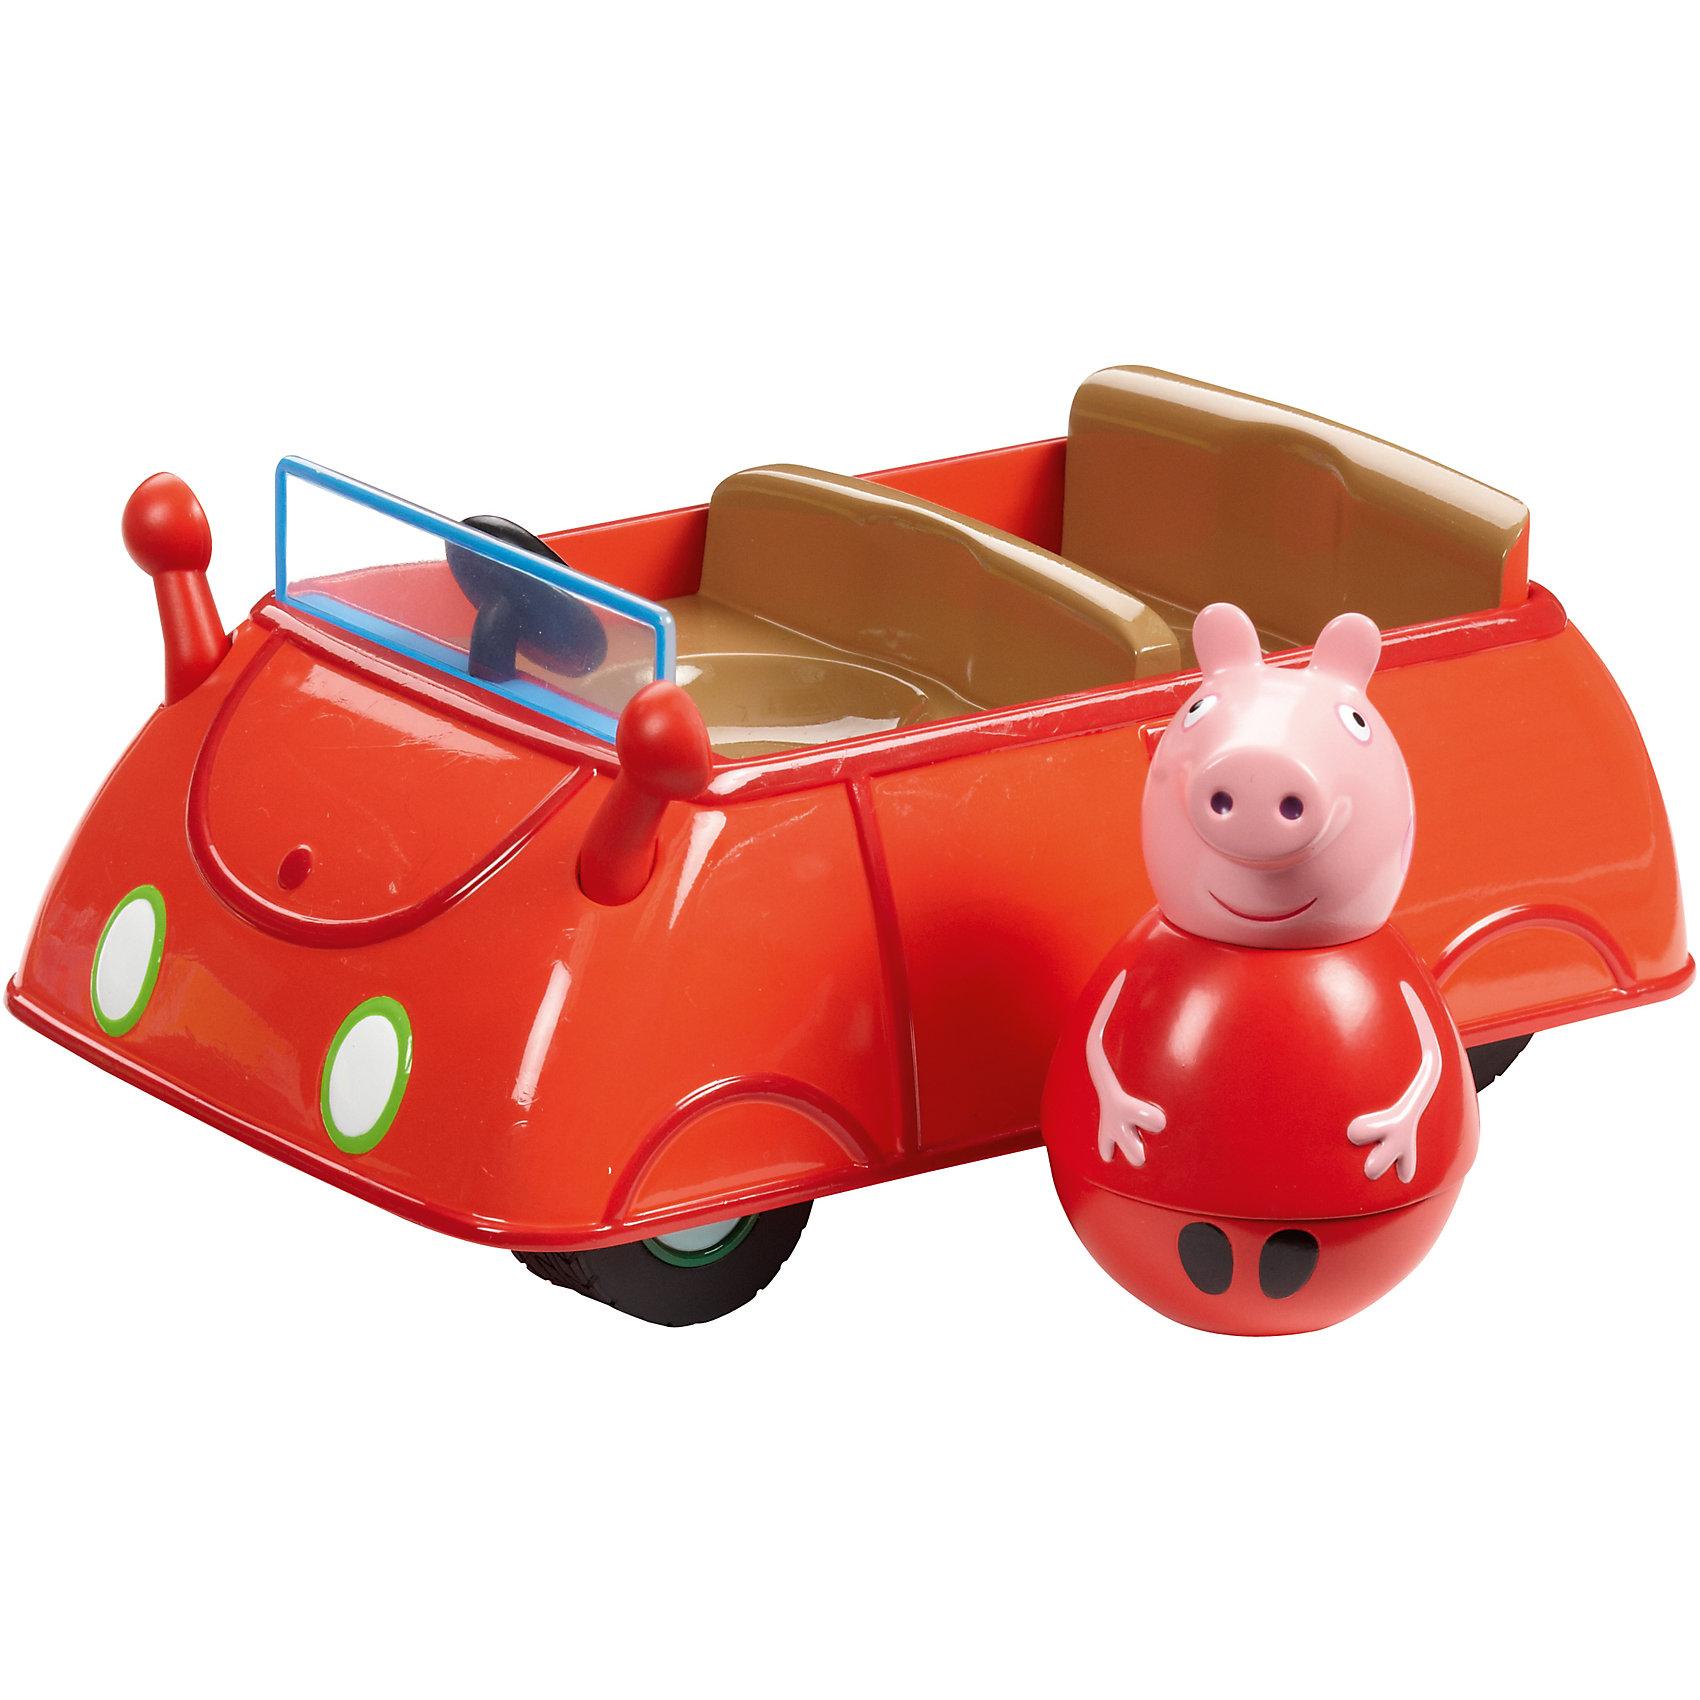 Росмэн Игровой набор Машина Пеппы неваляшки, Свинка Пеппа росмэн игровой набор поезд пеппы неваляшки свинка пеппа